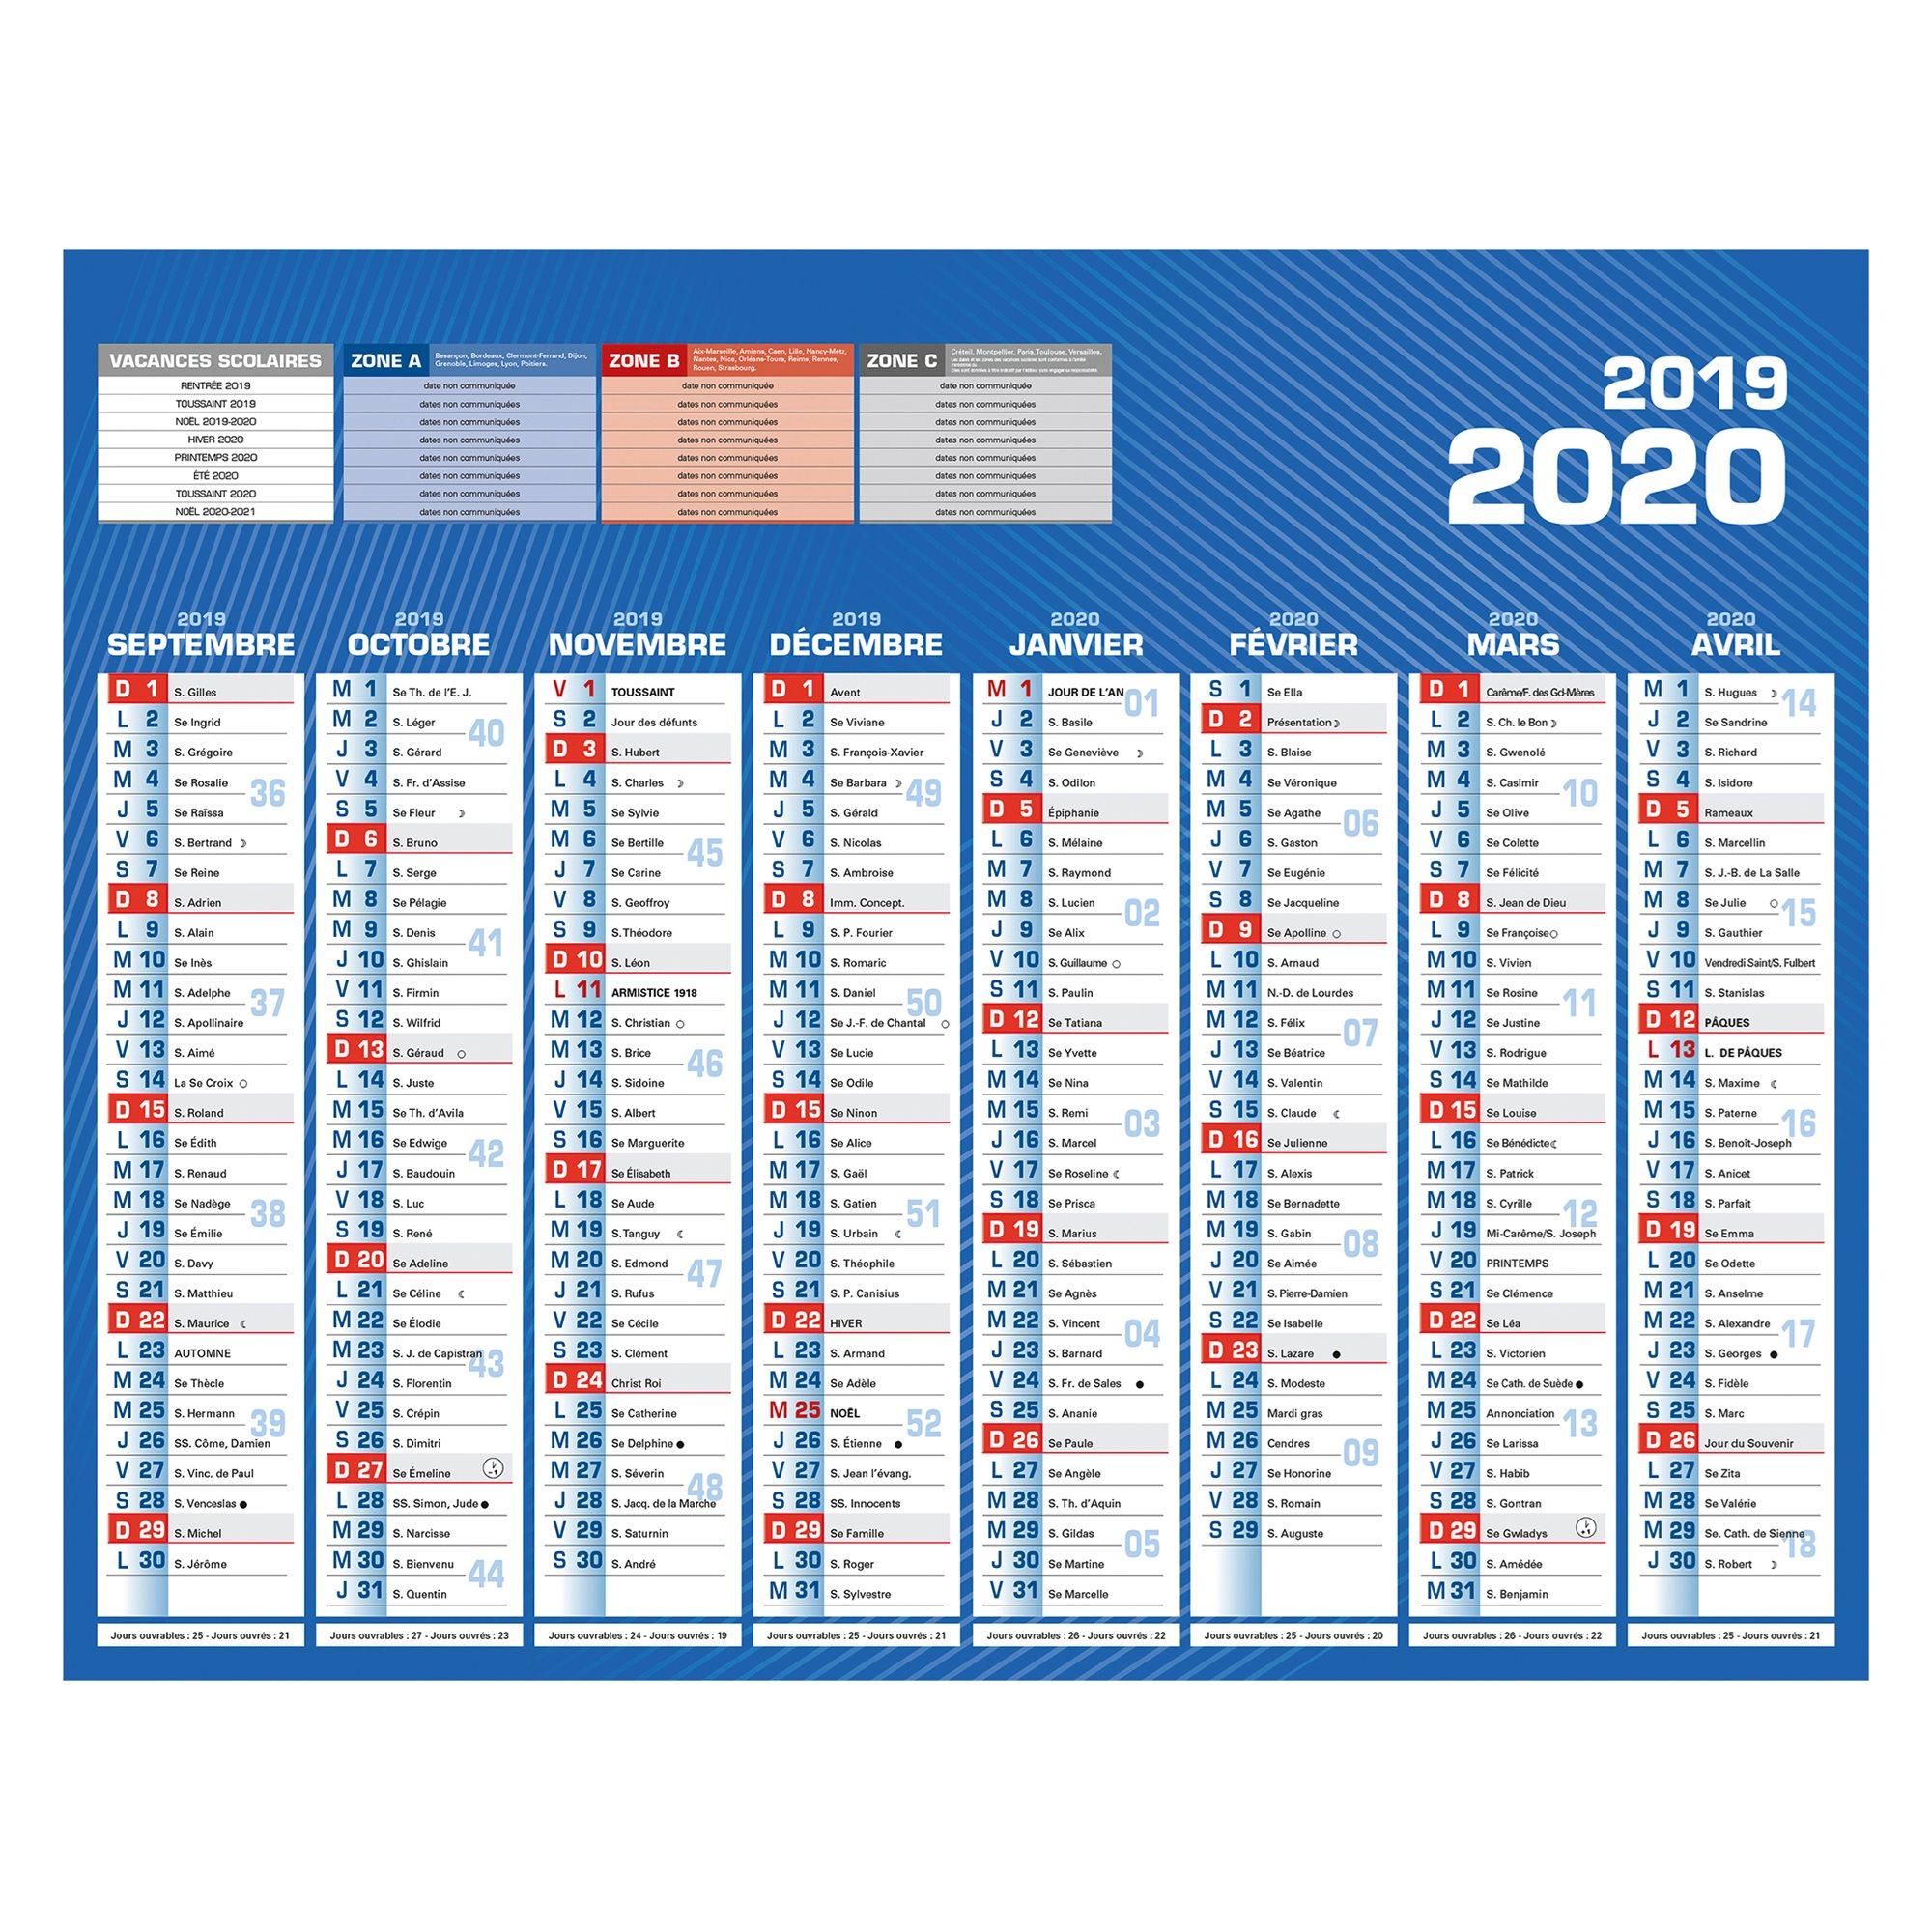 Vacances Toussaint 2020 Belgique